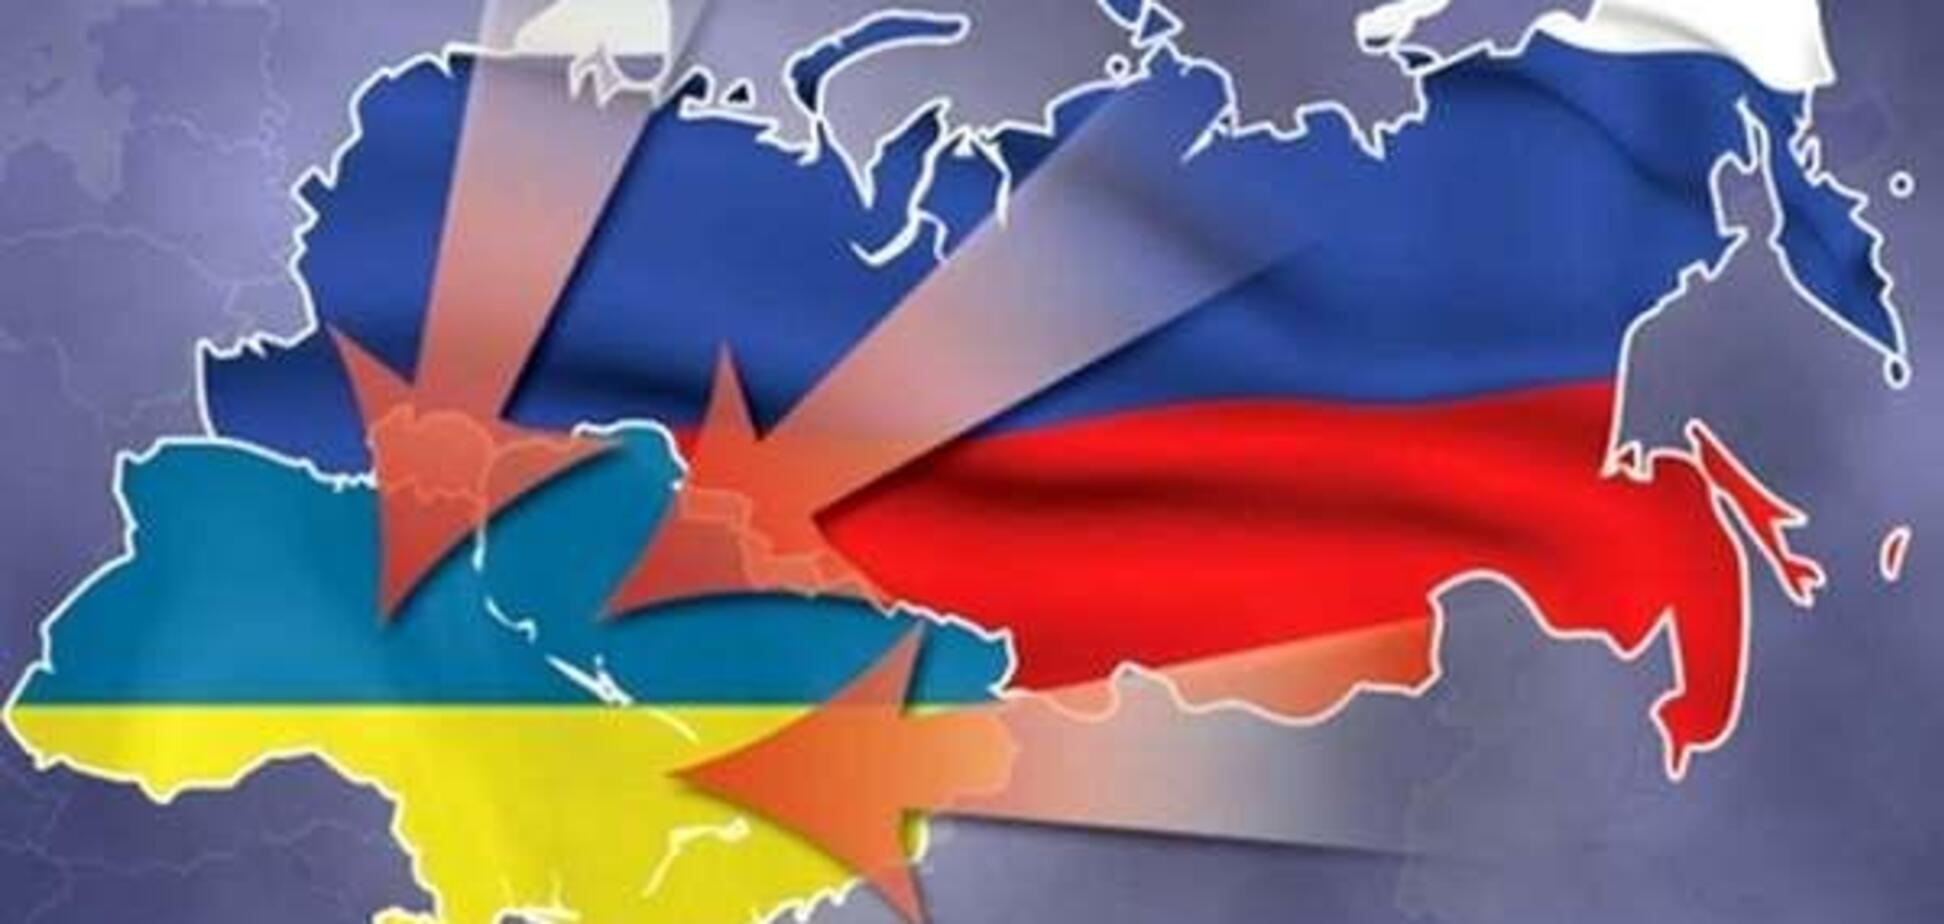 Розрив дружби України з Росією: озвучена можлива відповідь Кремля